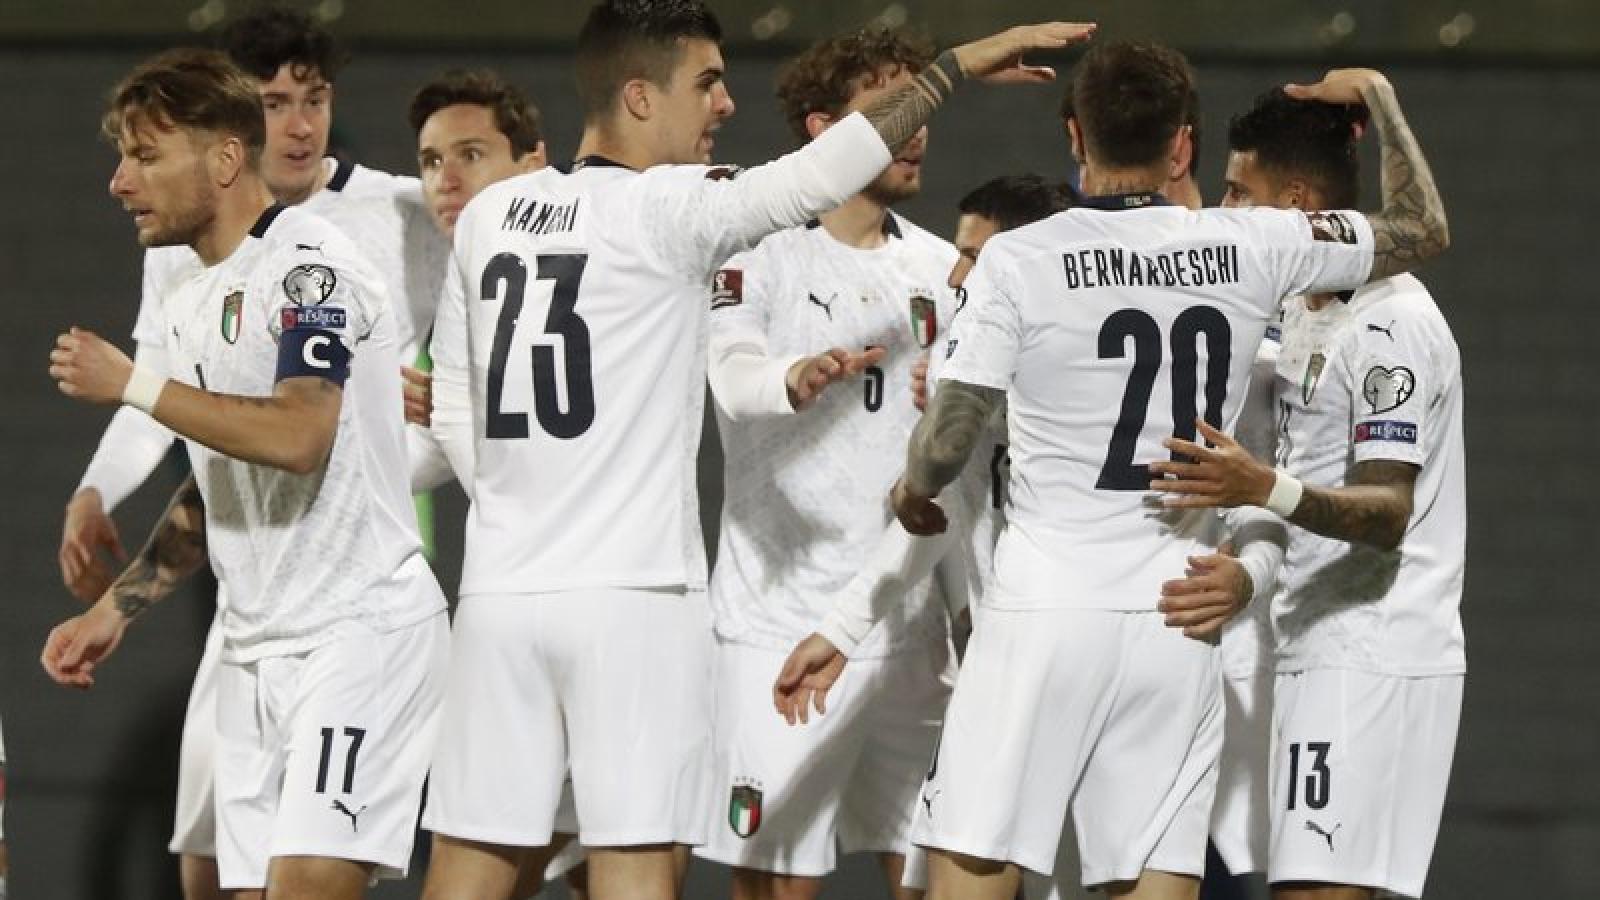 Kết quả vòng loại World Cup 2022 khu vực châu Âu (1/4): Italy thắng nhọc, Đức thua sốc